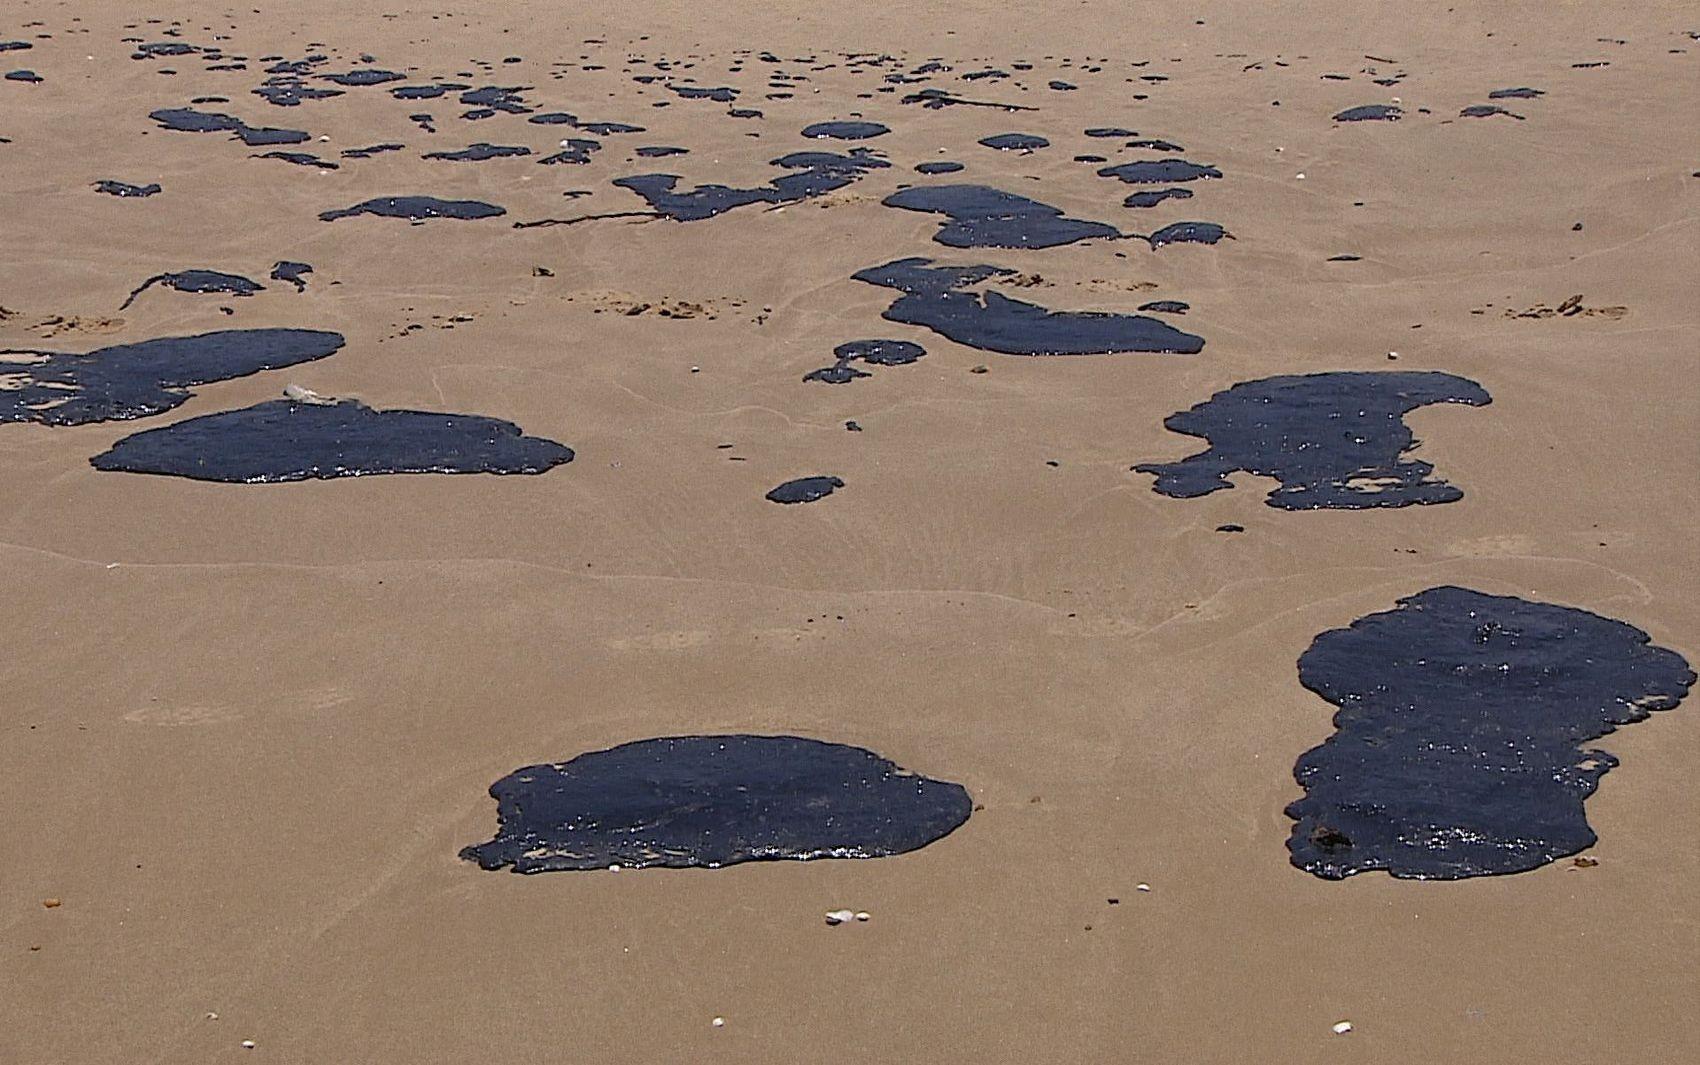 Adema investiga se morte de crustáceos na Foz do Velho Chico tem relação com as manchas de óleo  - Notícias - Plantão Diário